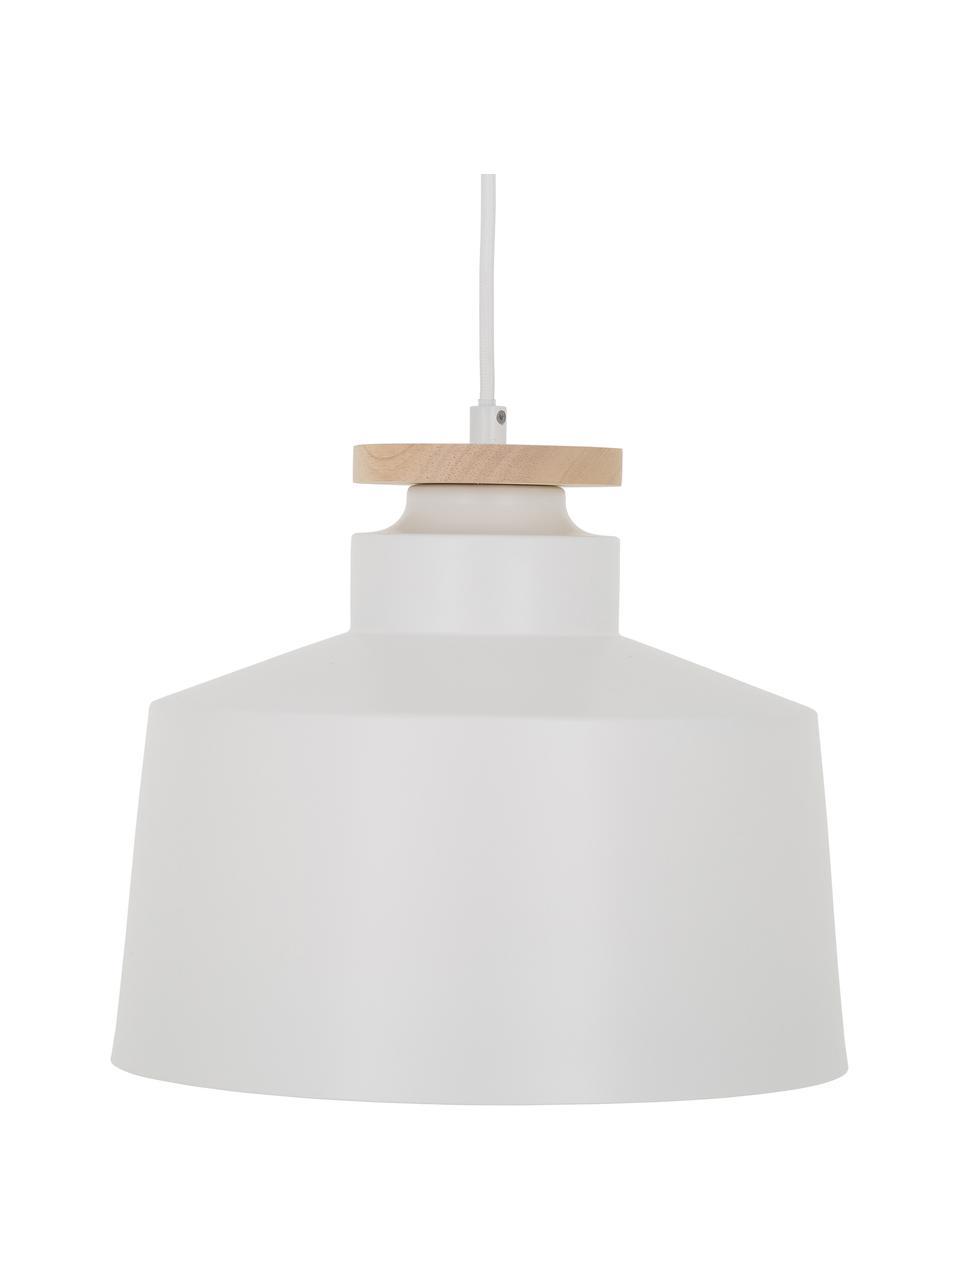 Lampada a sospensione stile nordico Malm, Paralume: metallo, Baldacchino: metallo, Bianco, Ø 30 x Alt. 26 cm